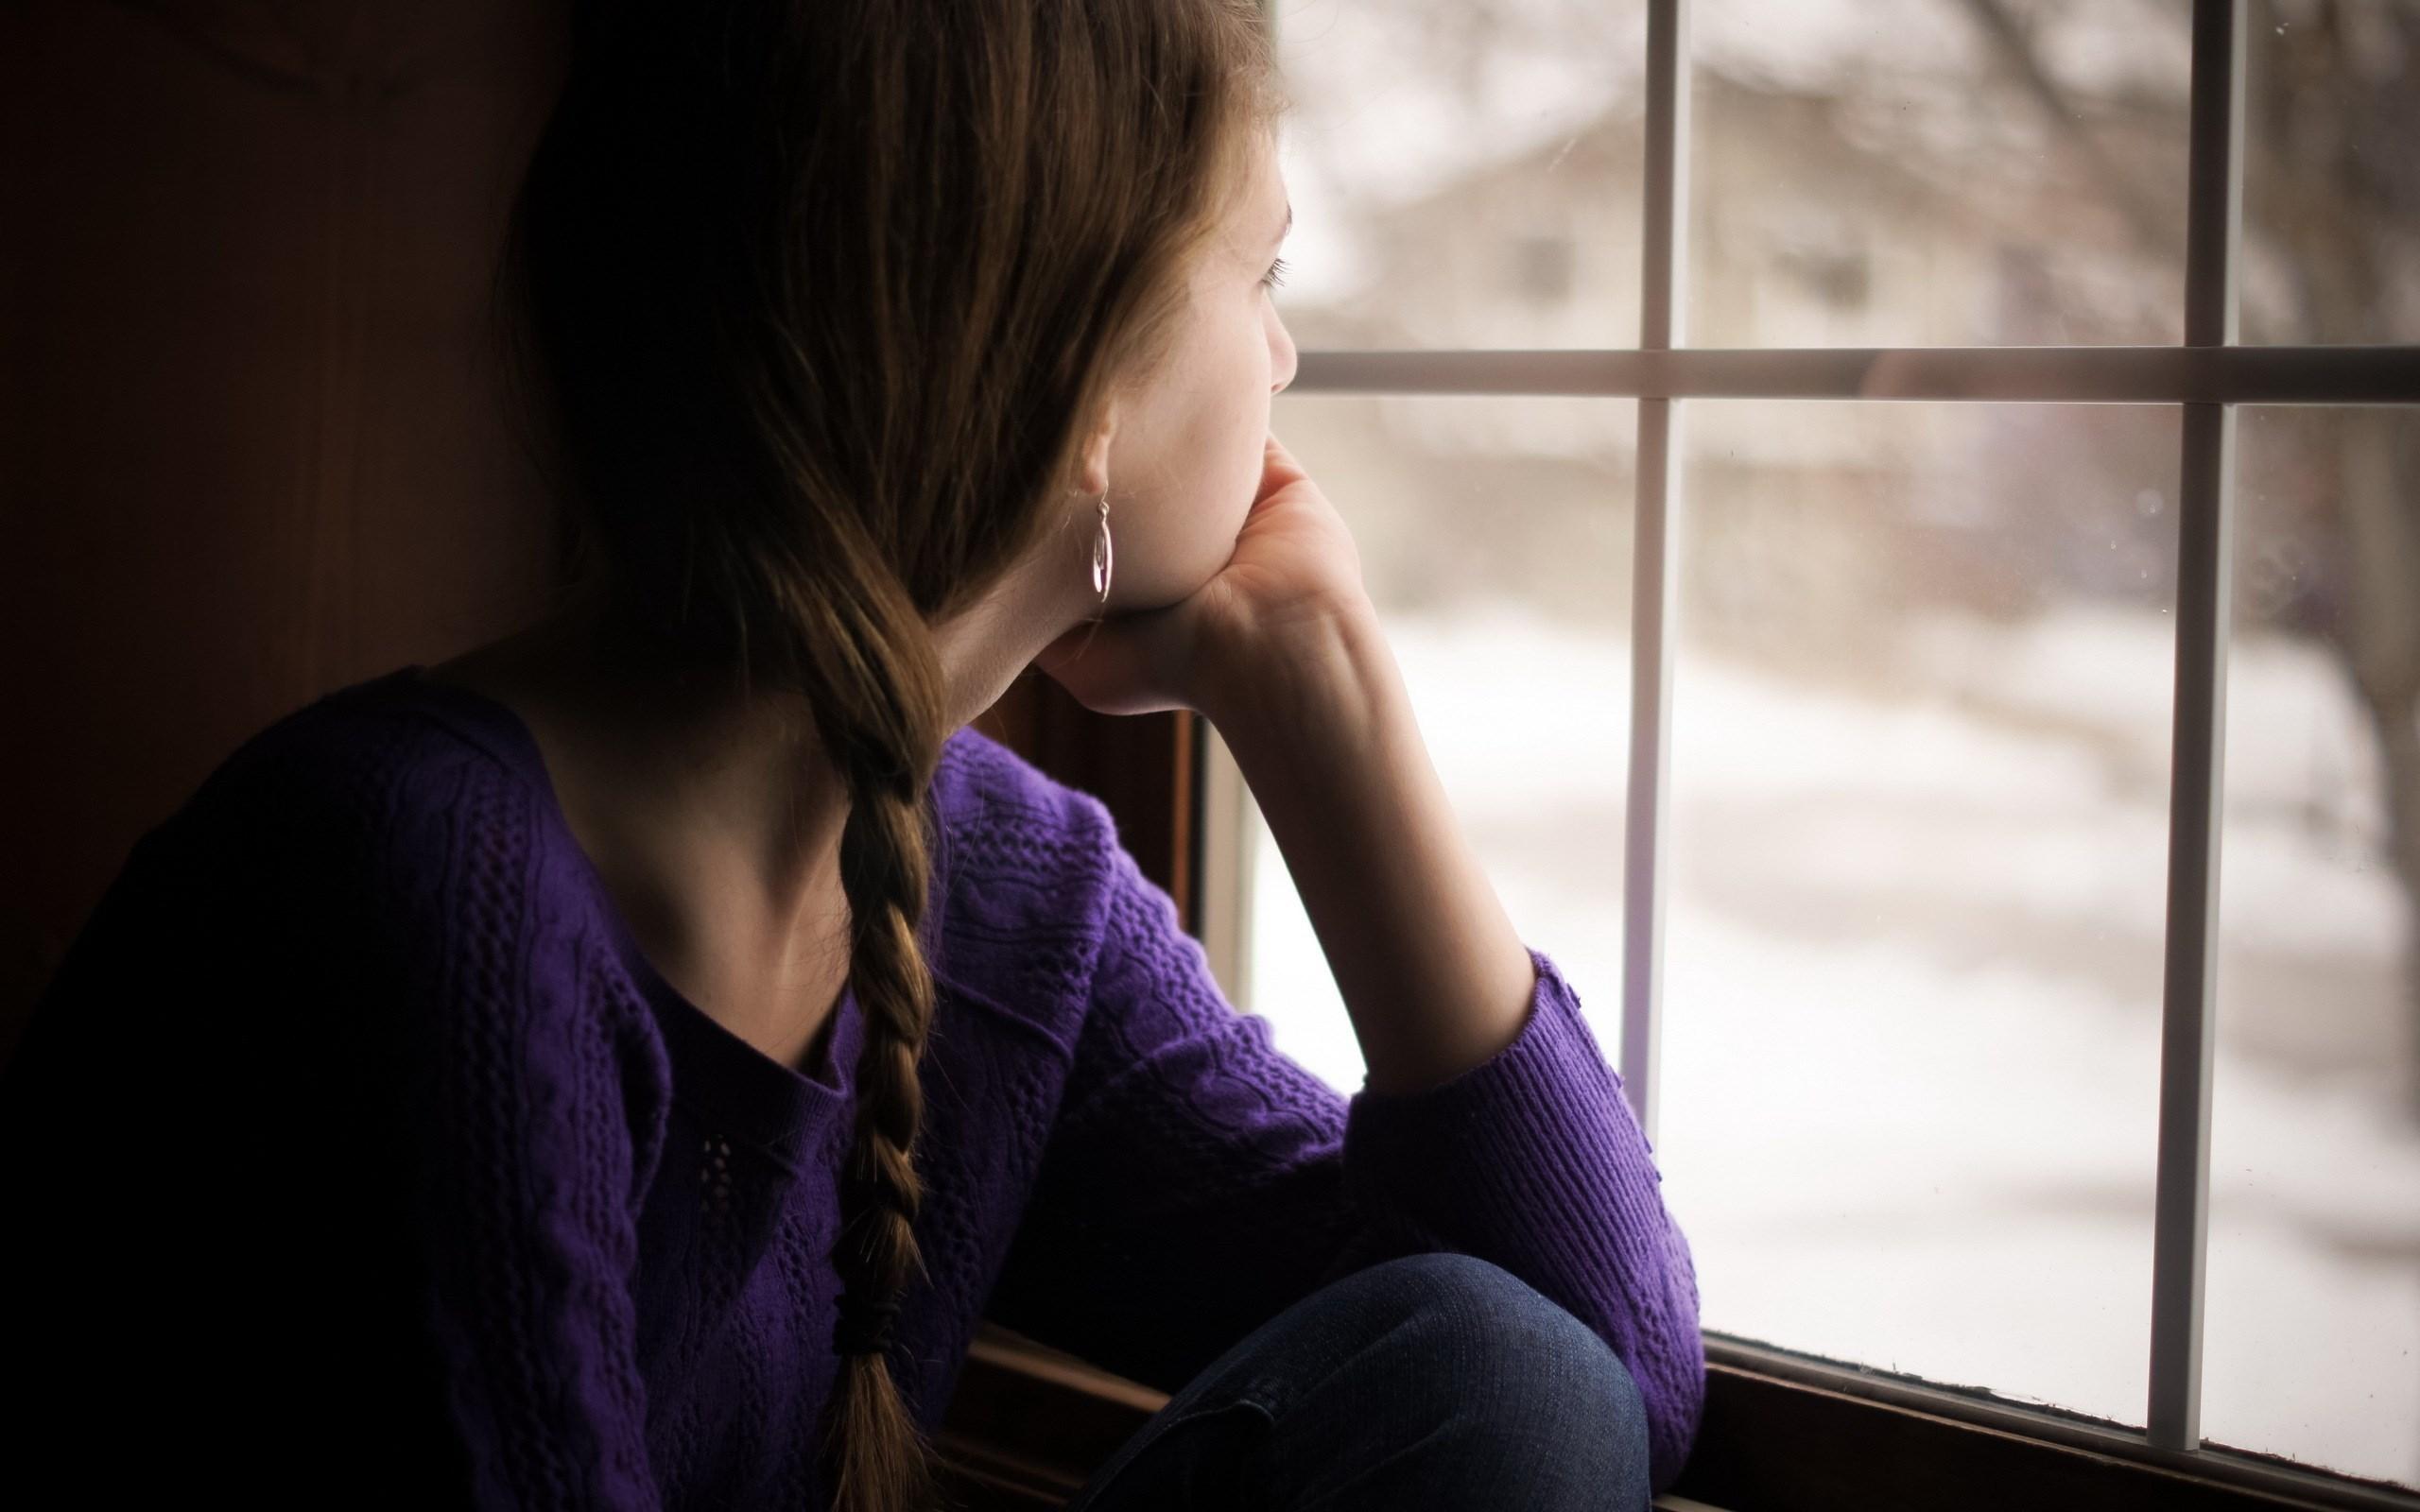 рос картинки смотрящие в окно снимает прохожих